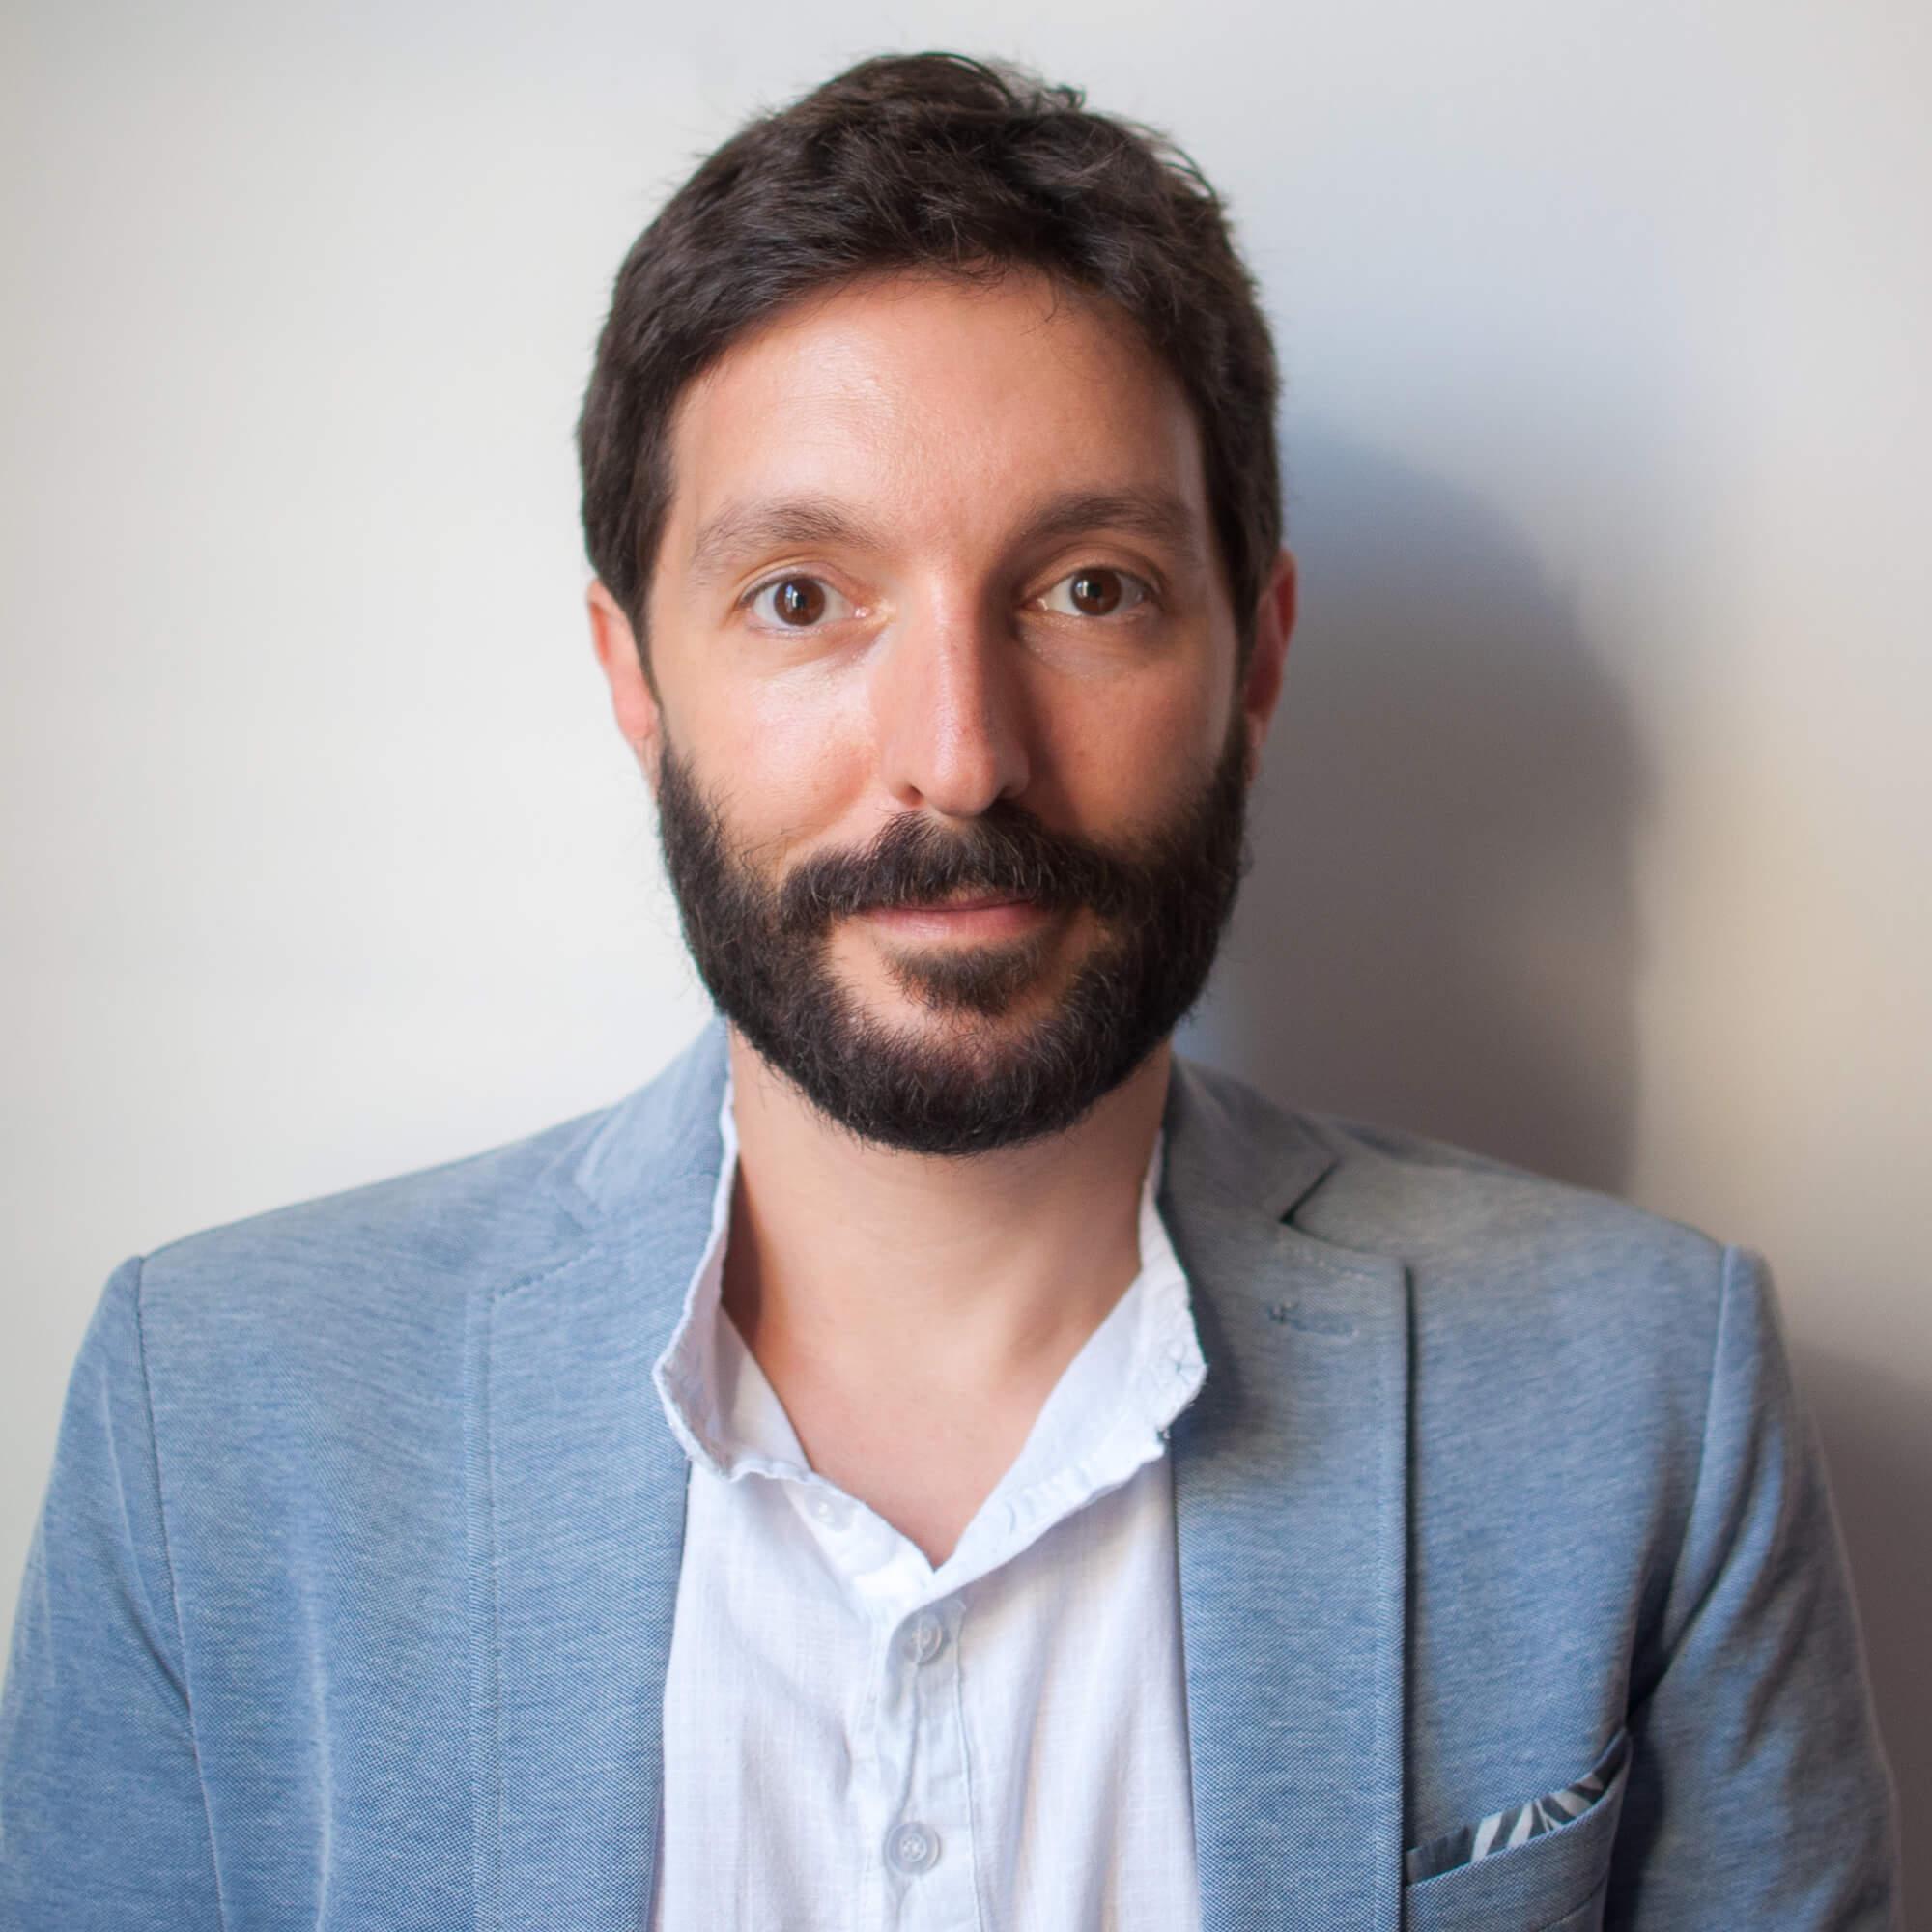 Marco Baldetti